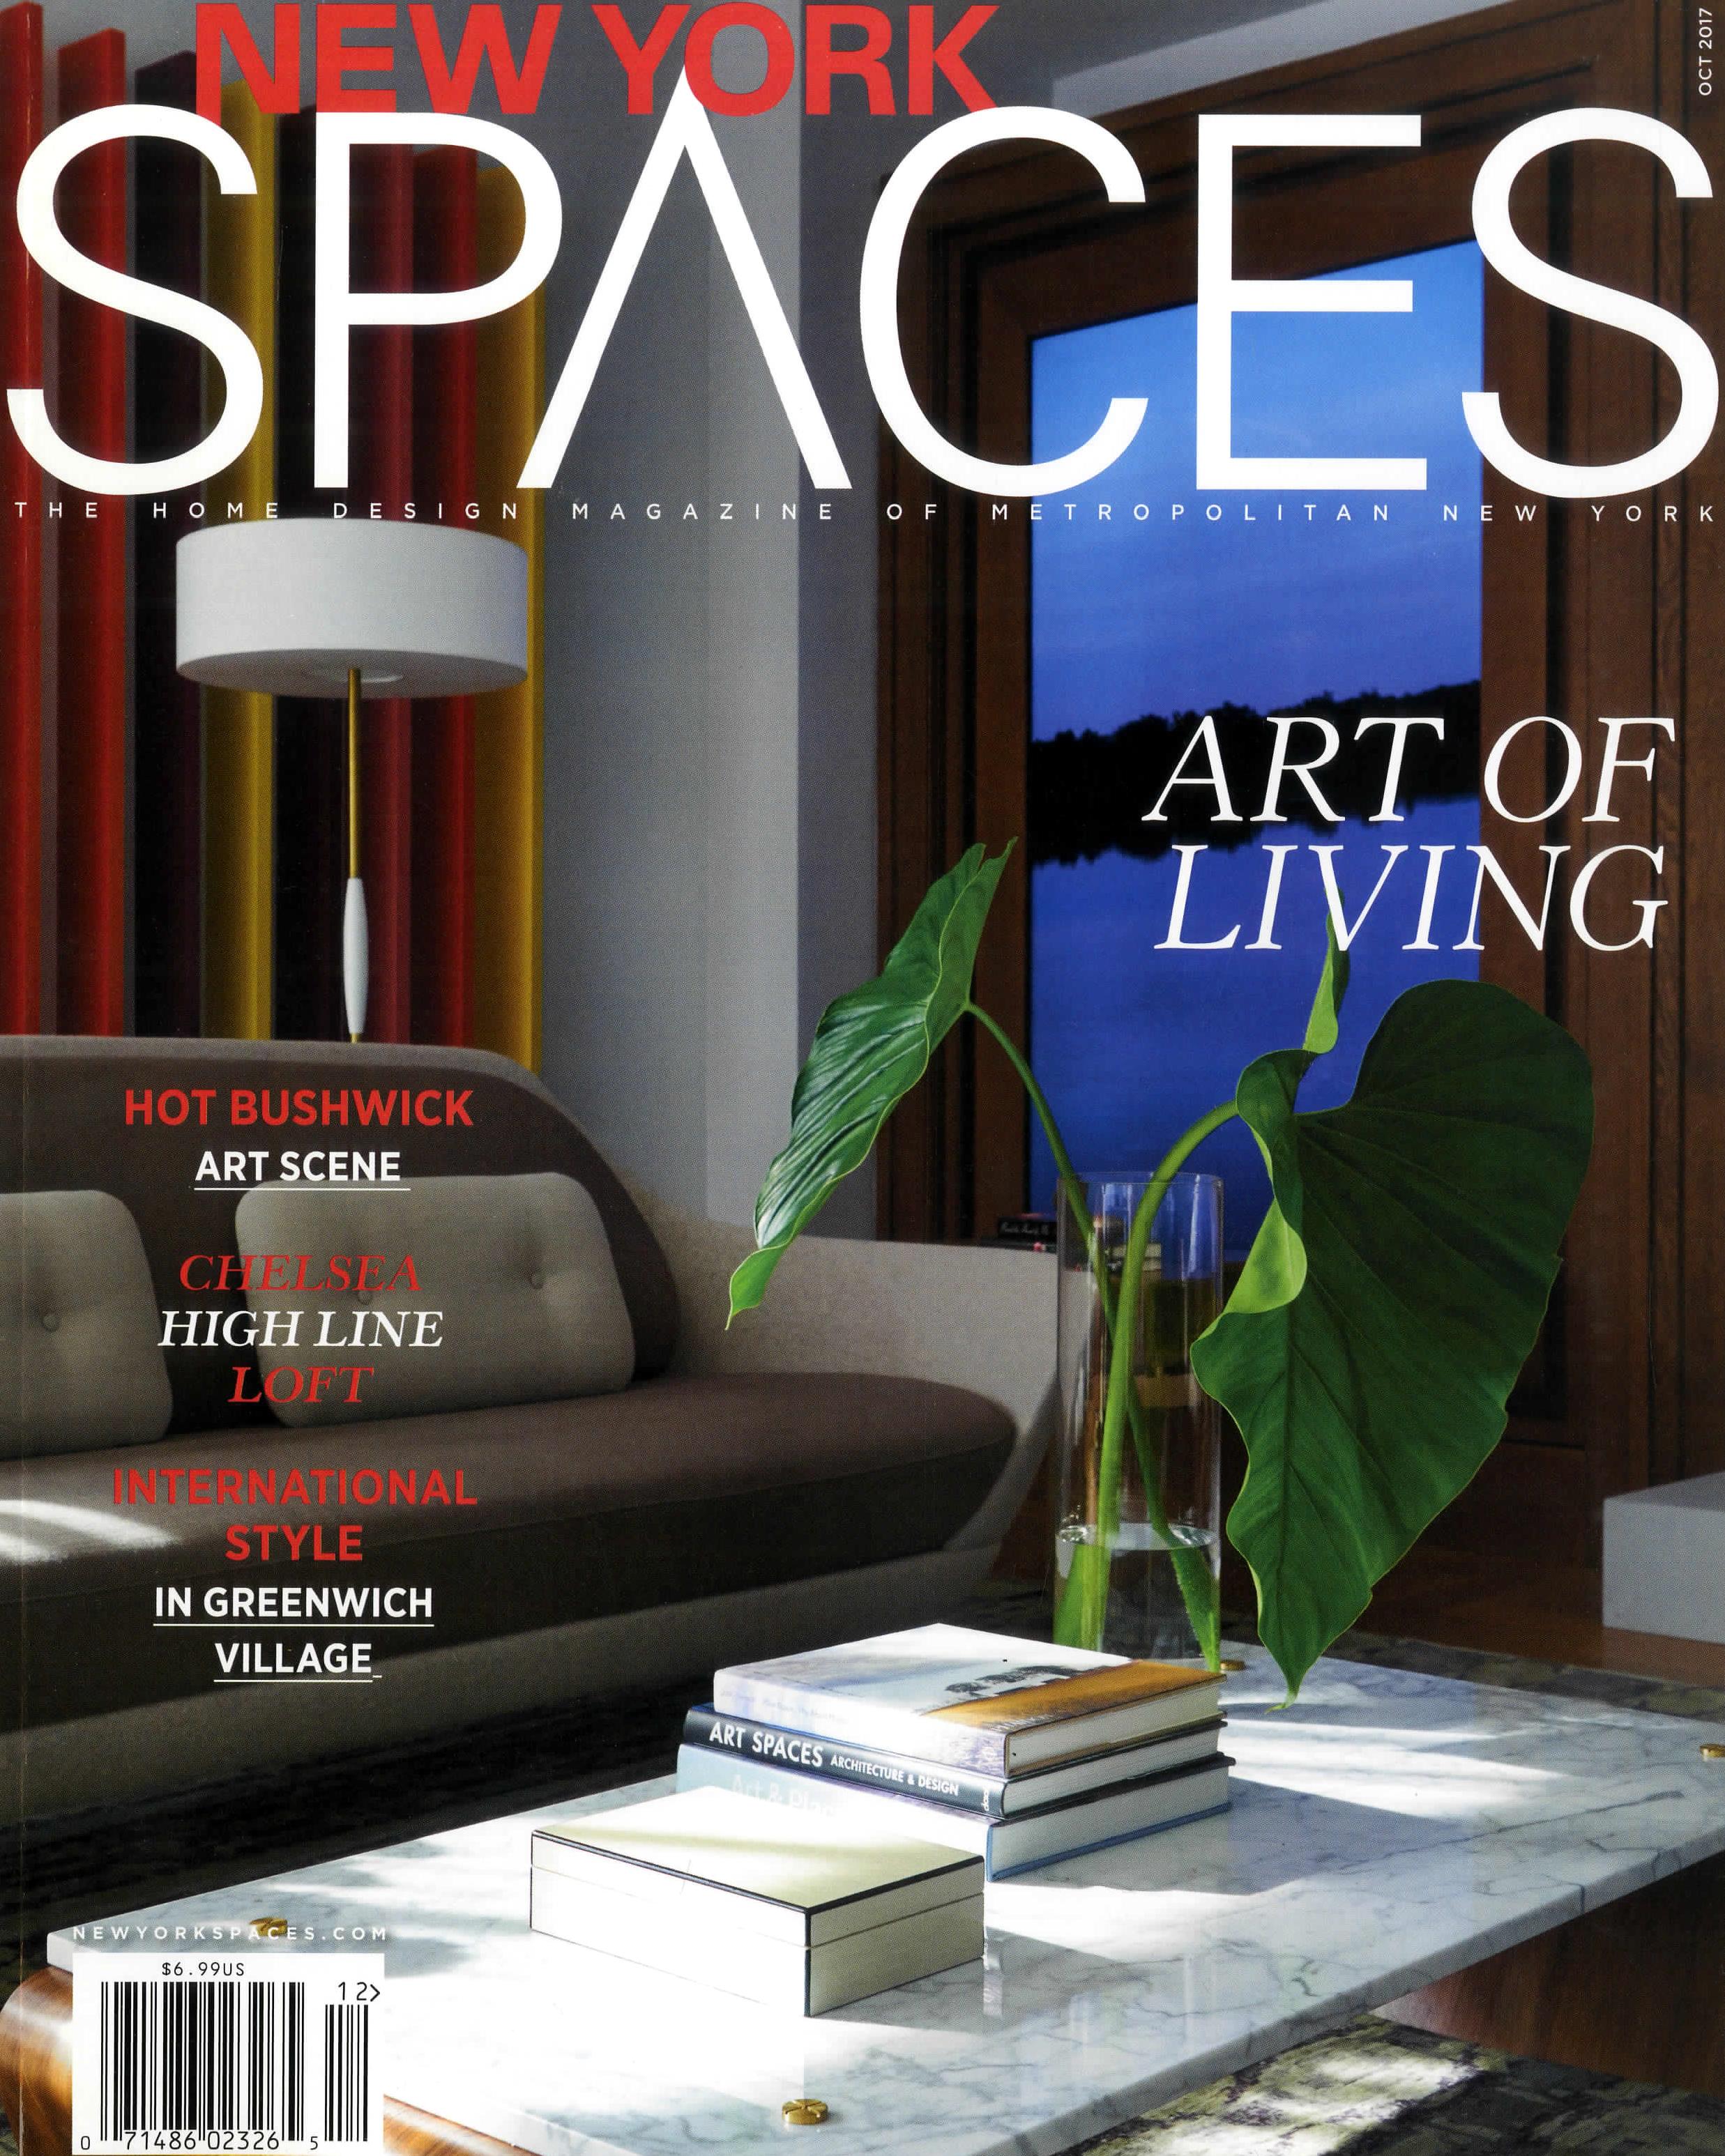 NS_NY Spaces001.jpg